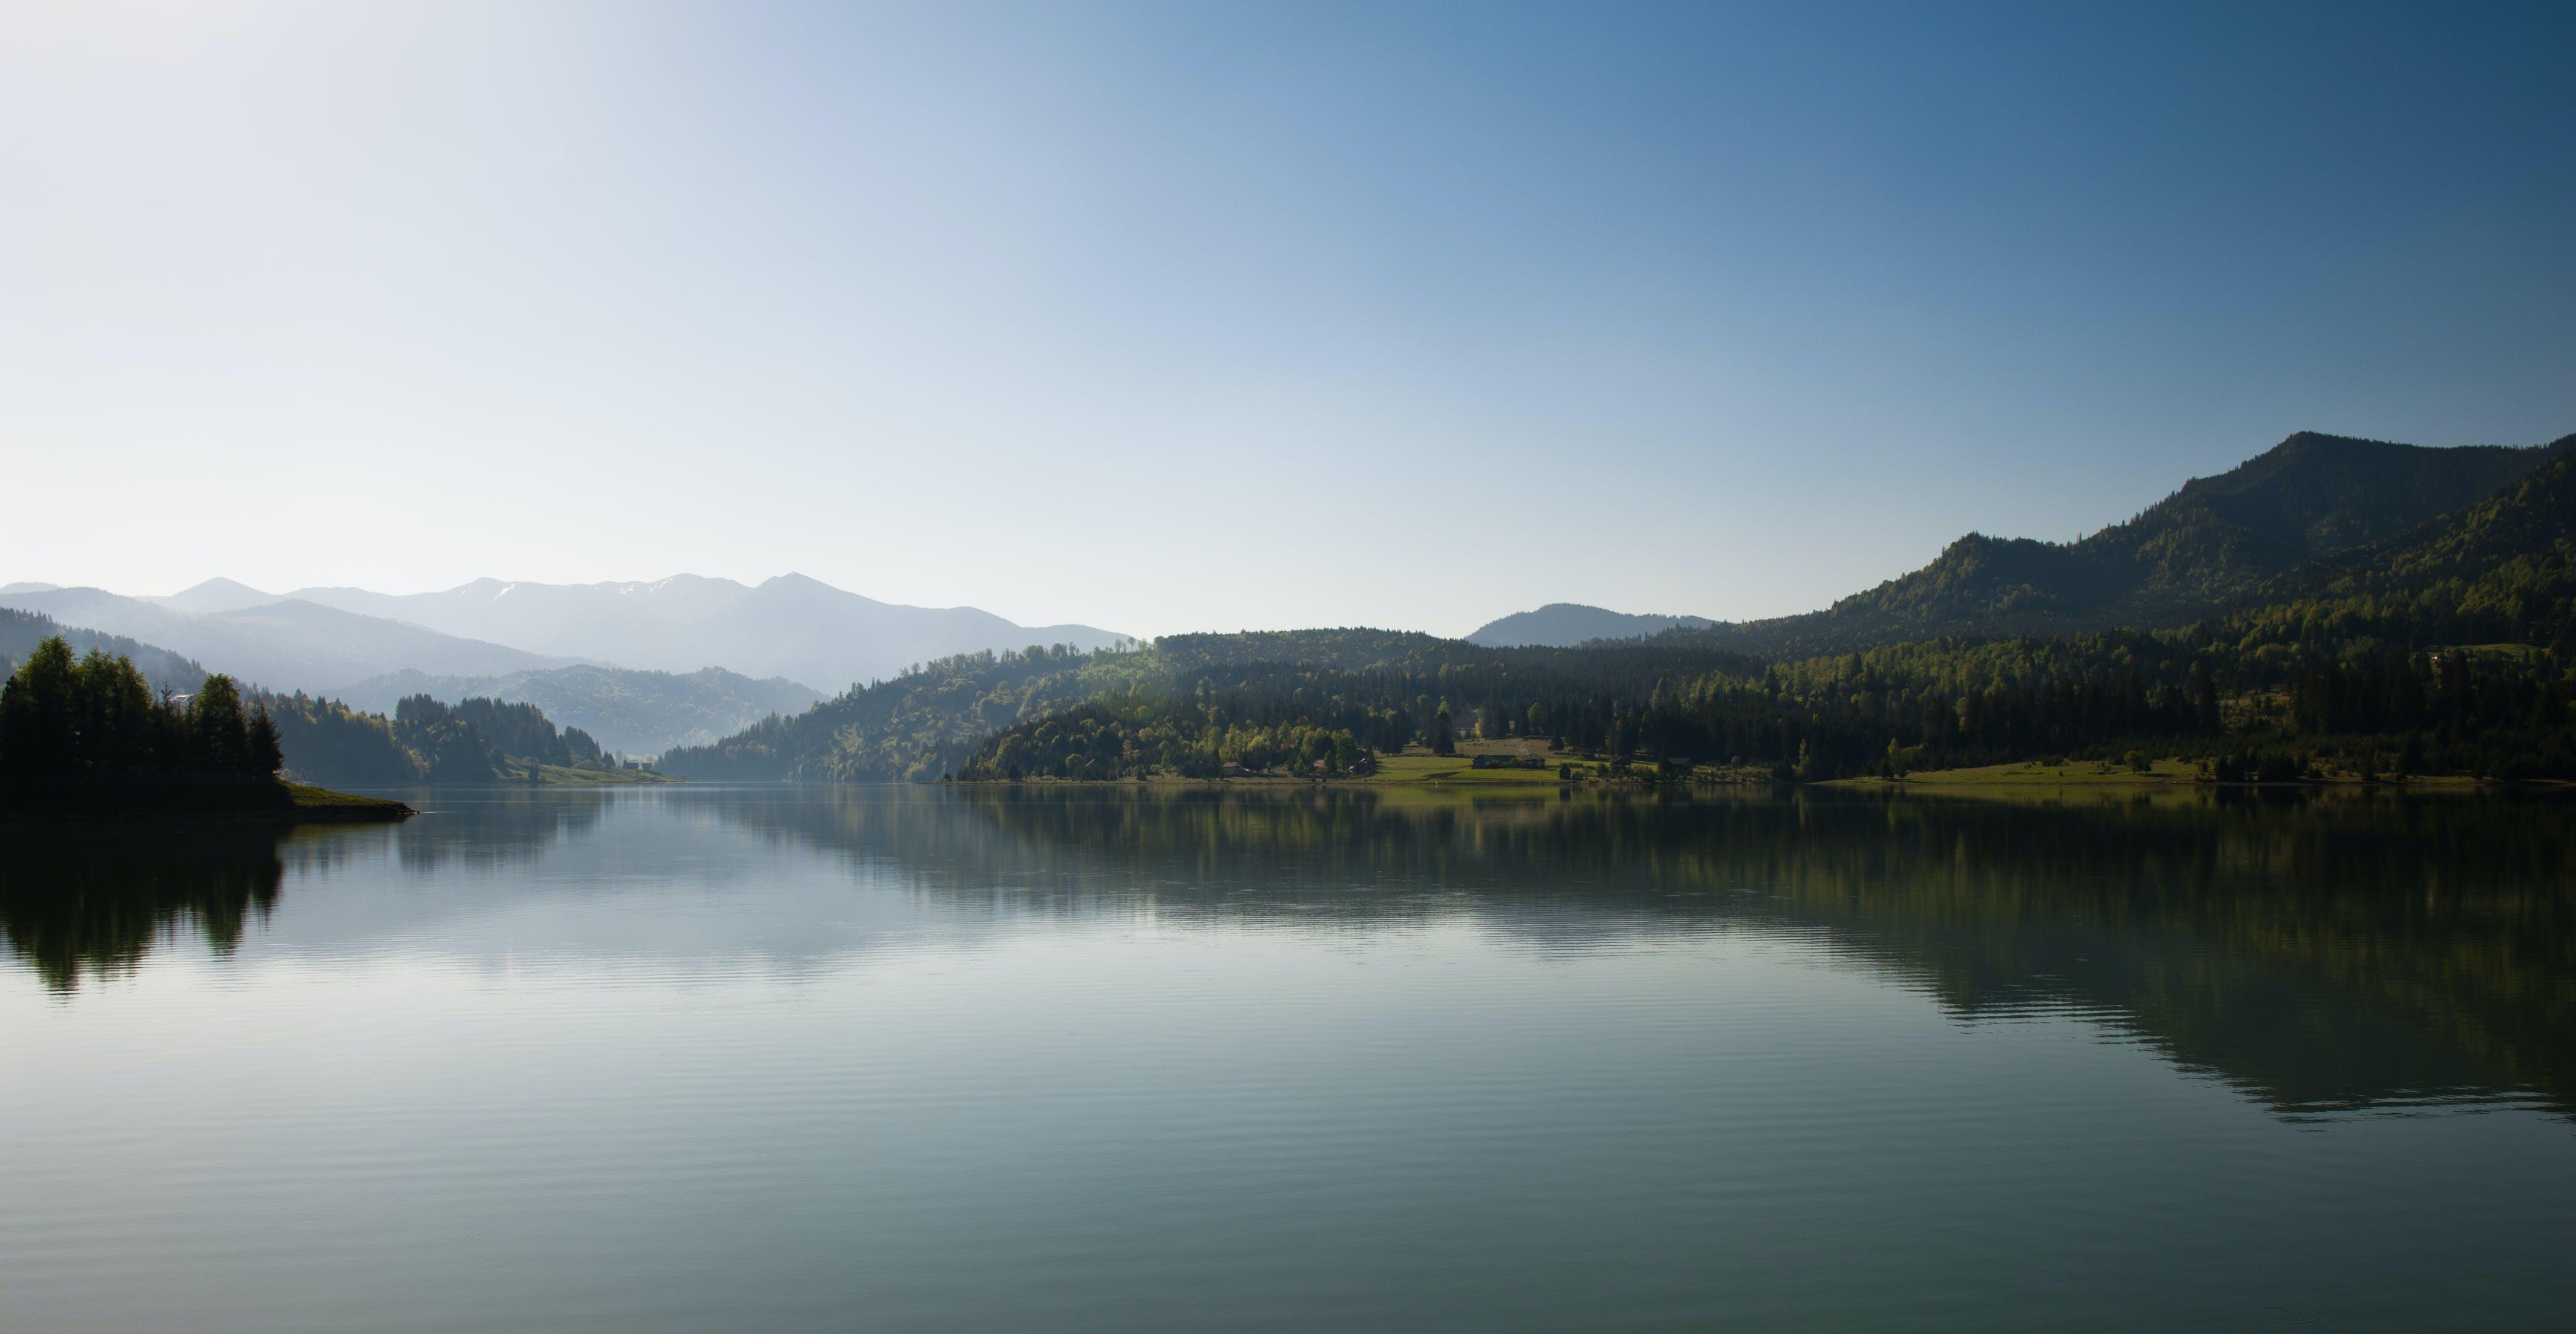 daylight, foggy, lake